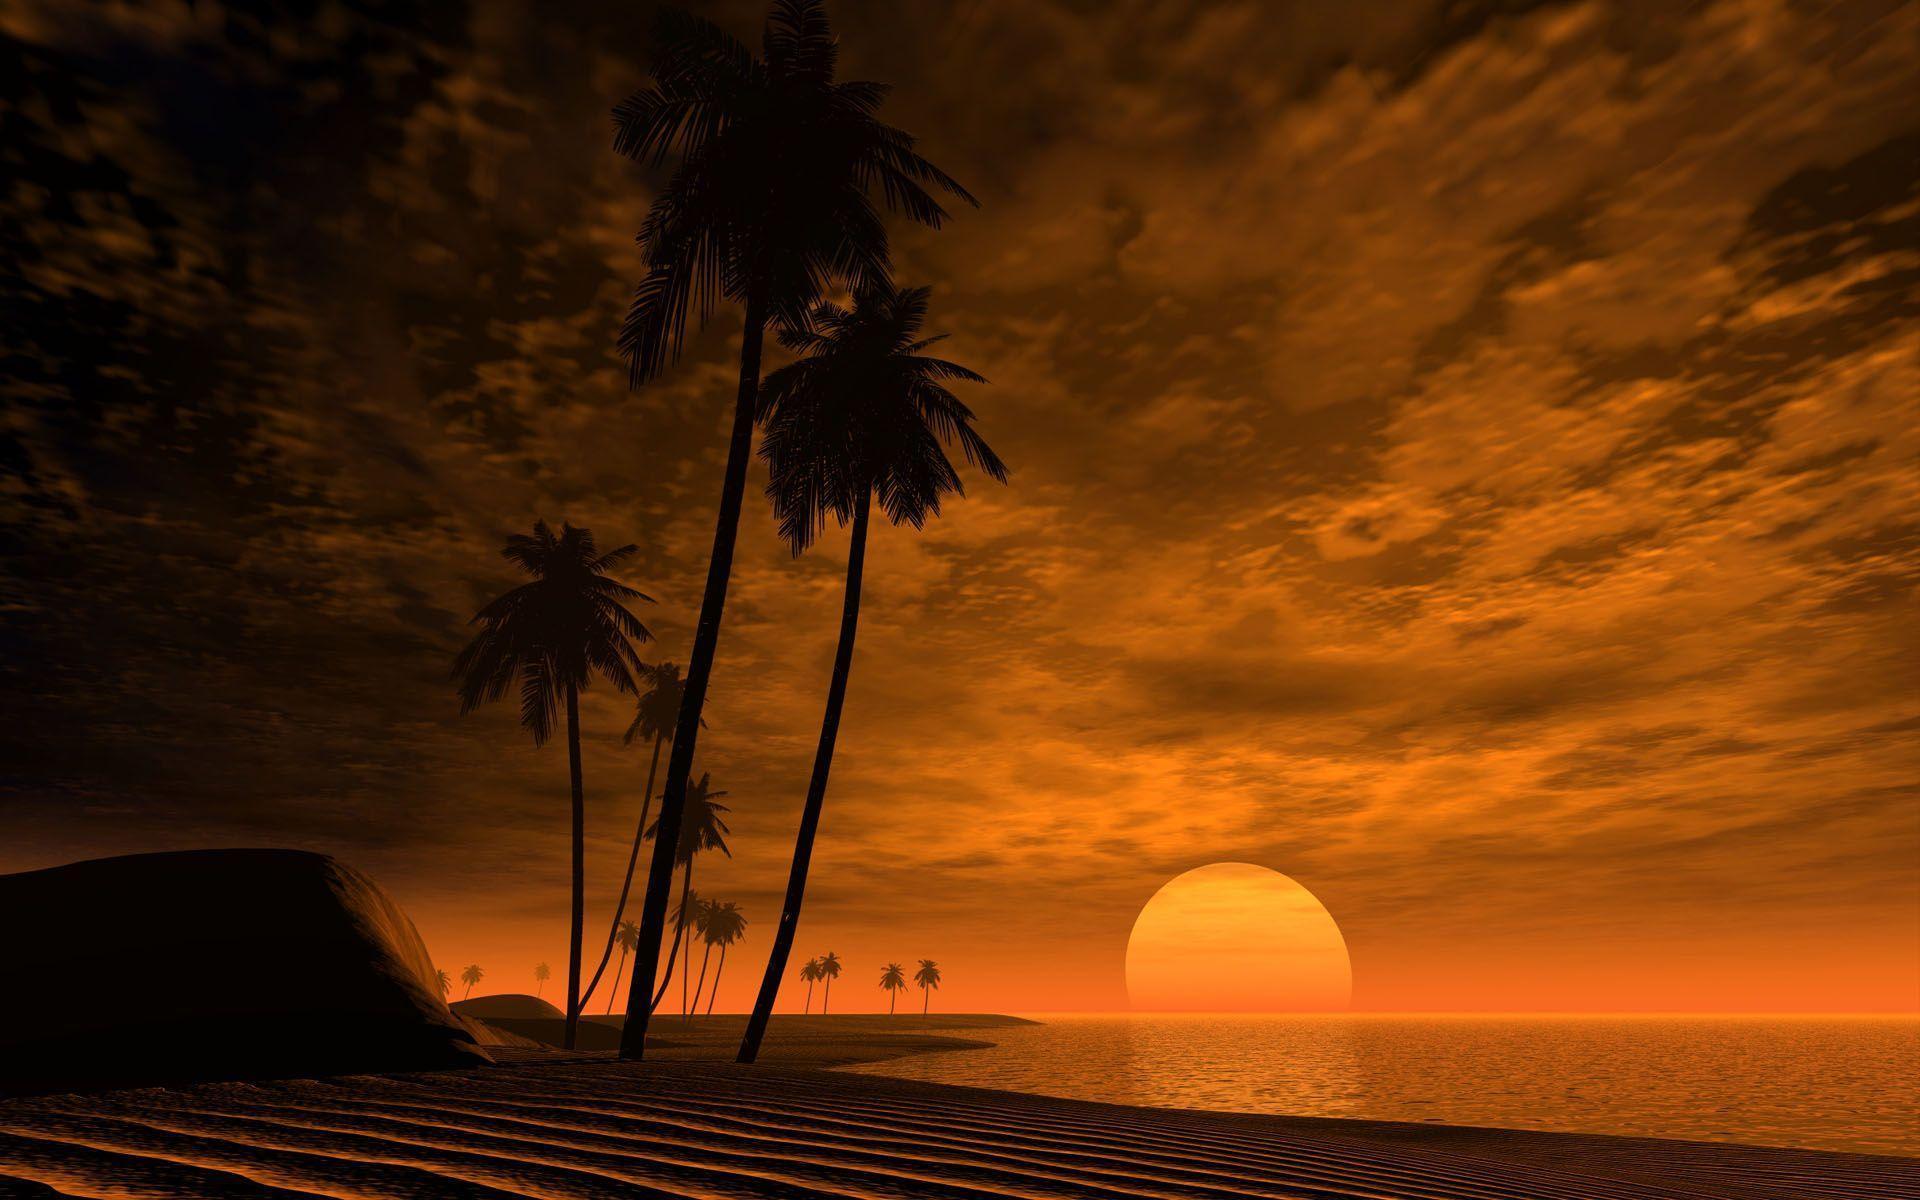 African Sunset Wallpapers | Sky HD Wallpaper